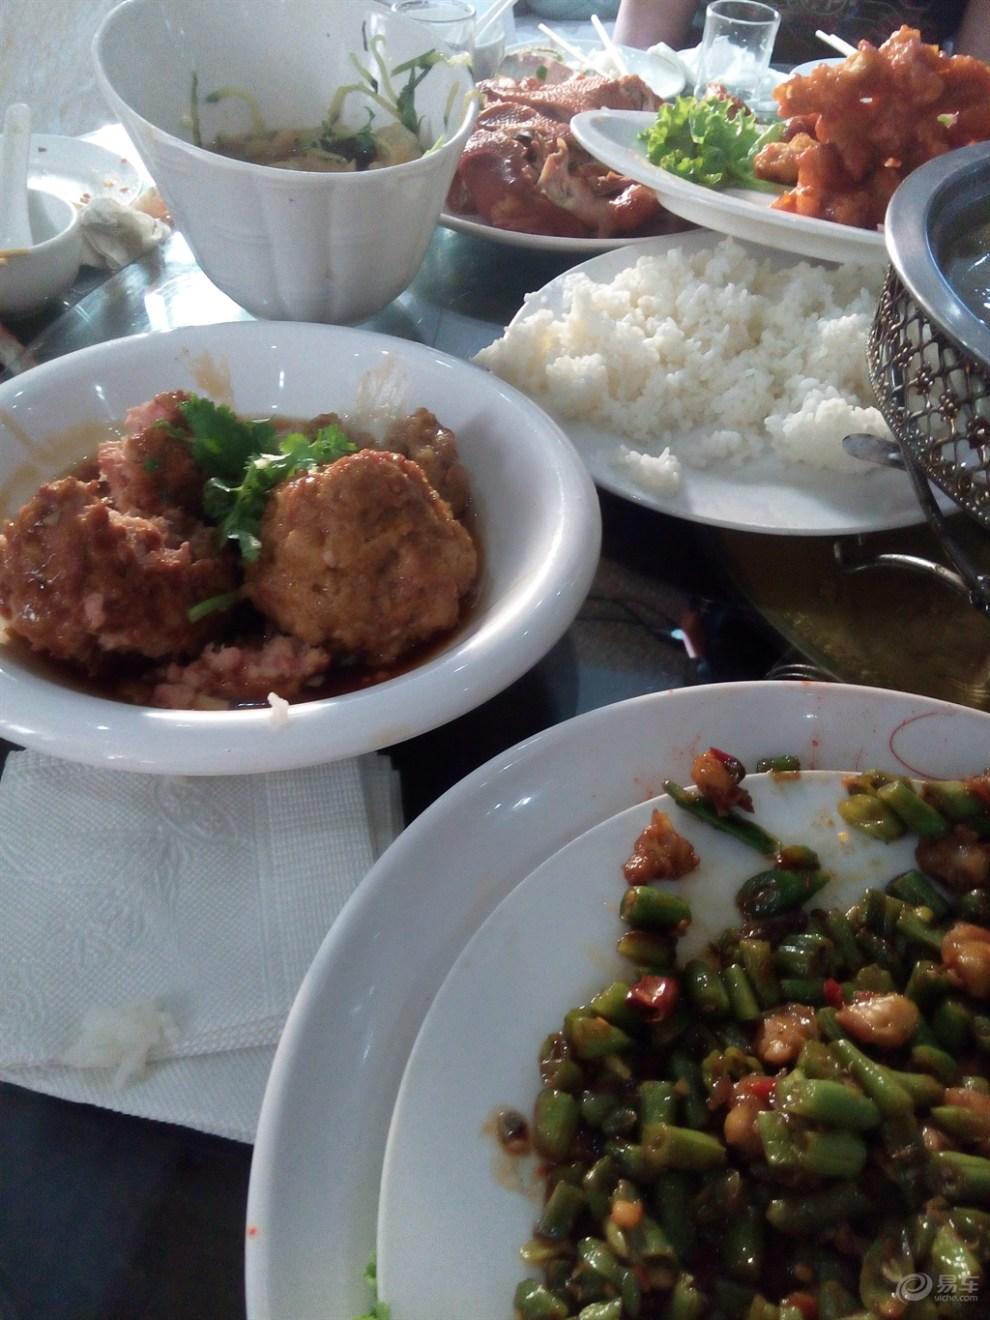 【汽车上的美食】_中国婚宴图片集锦_美食论论坛辽宁j2图片